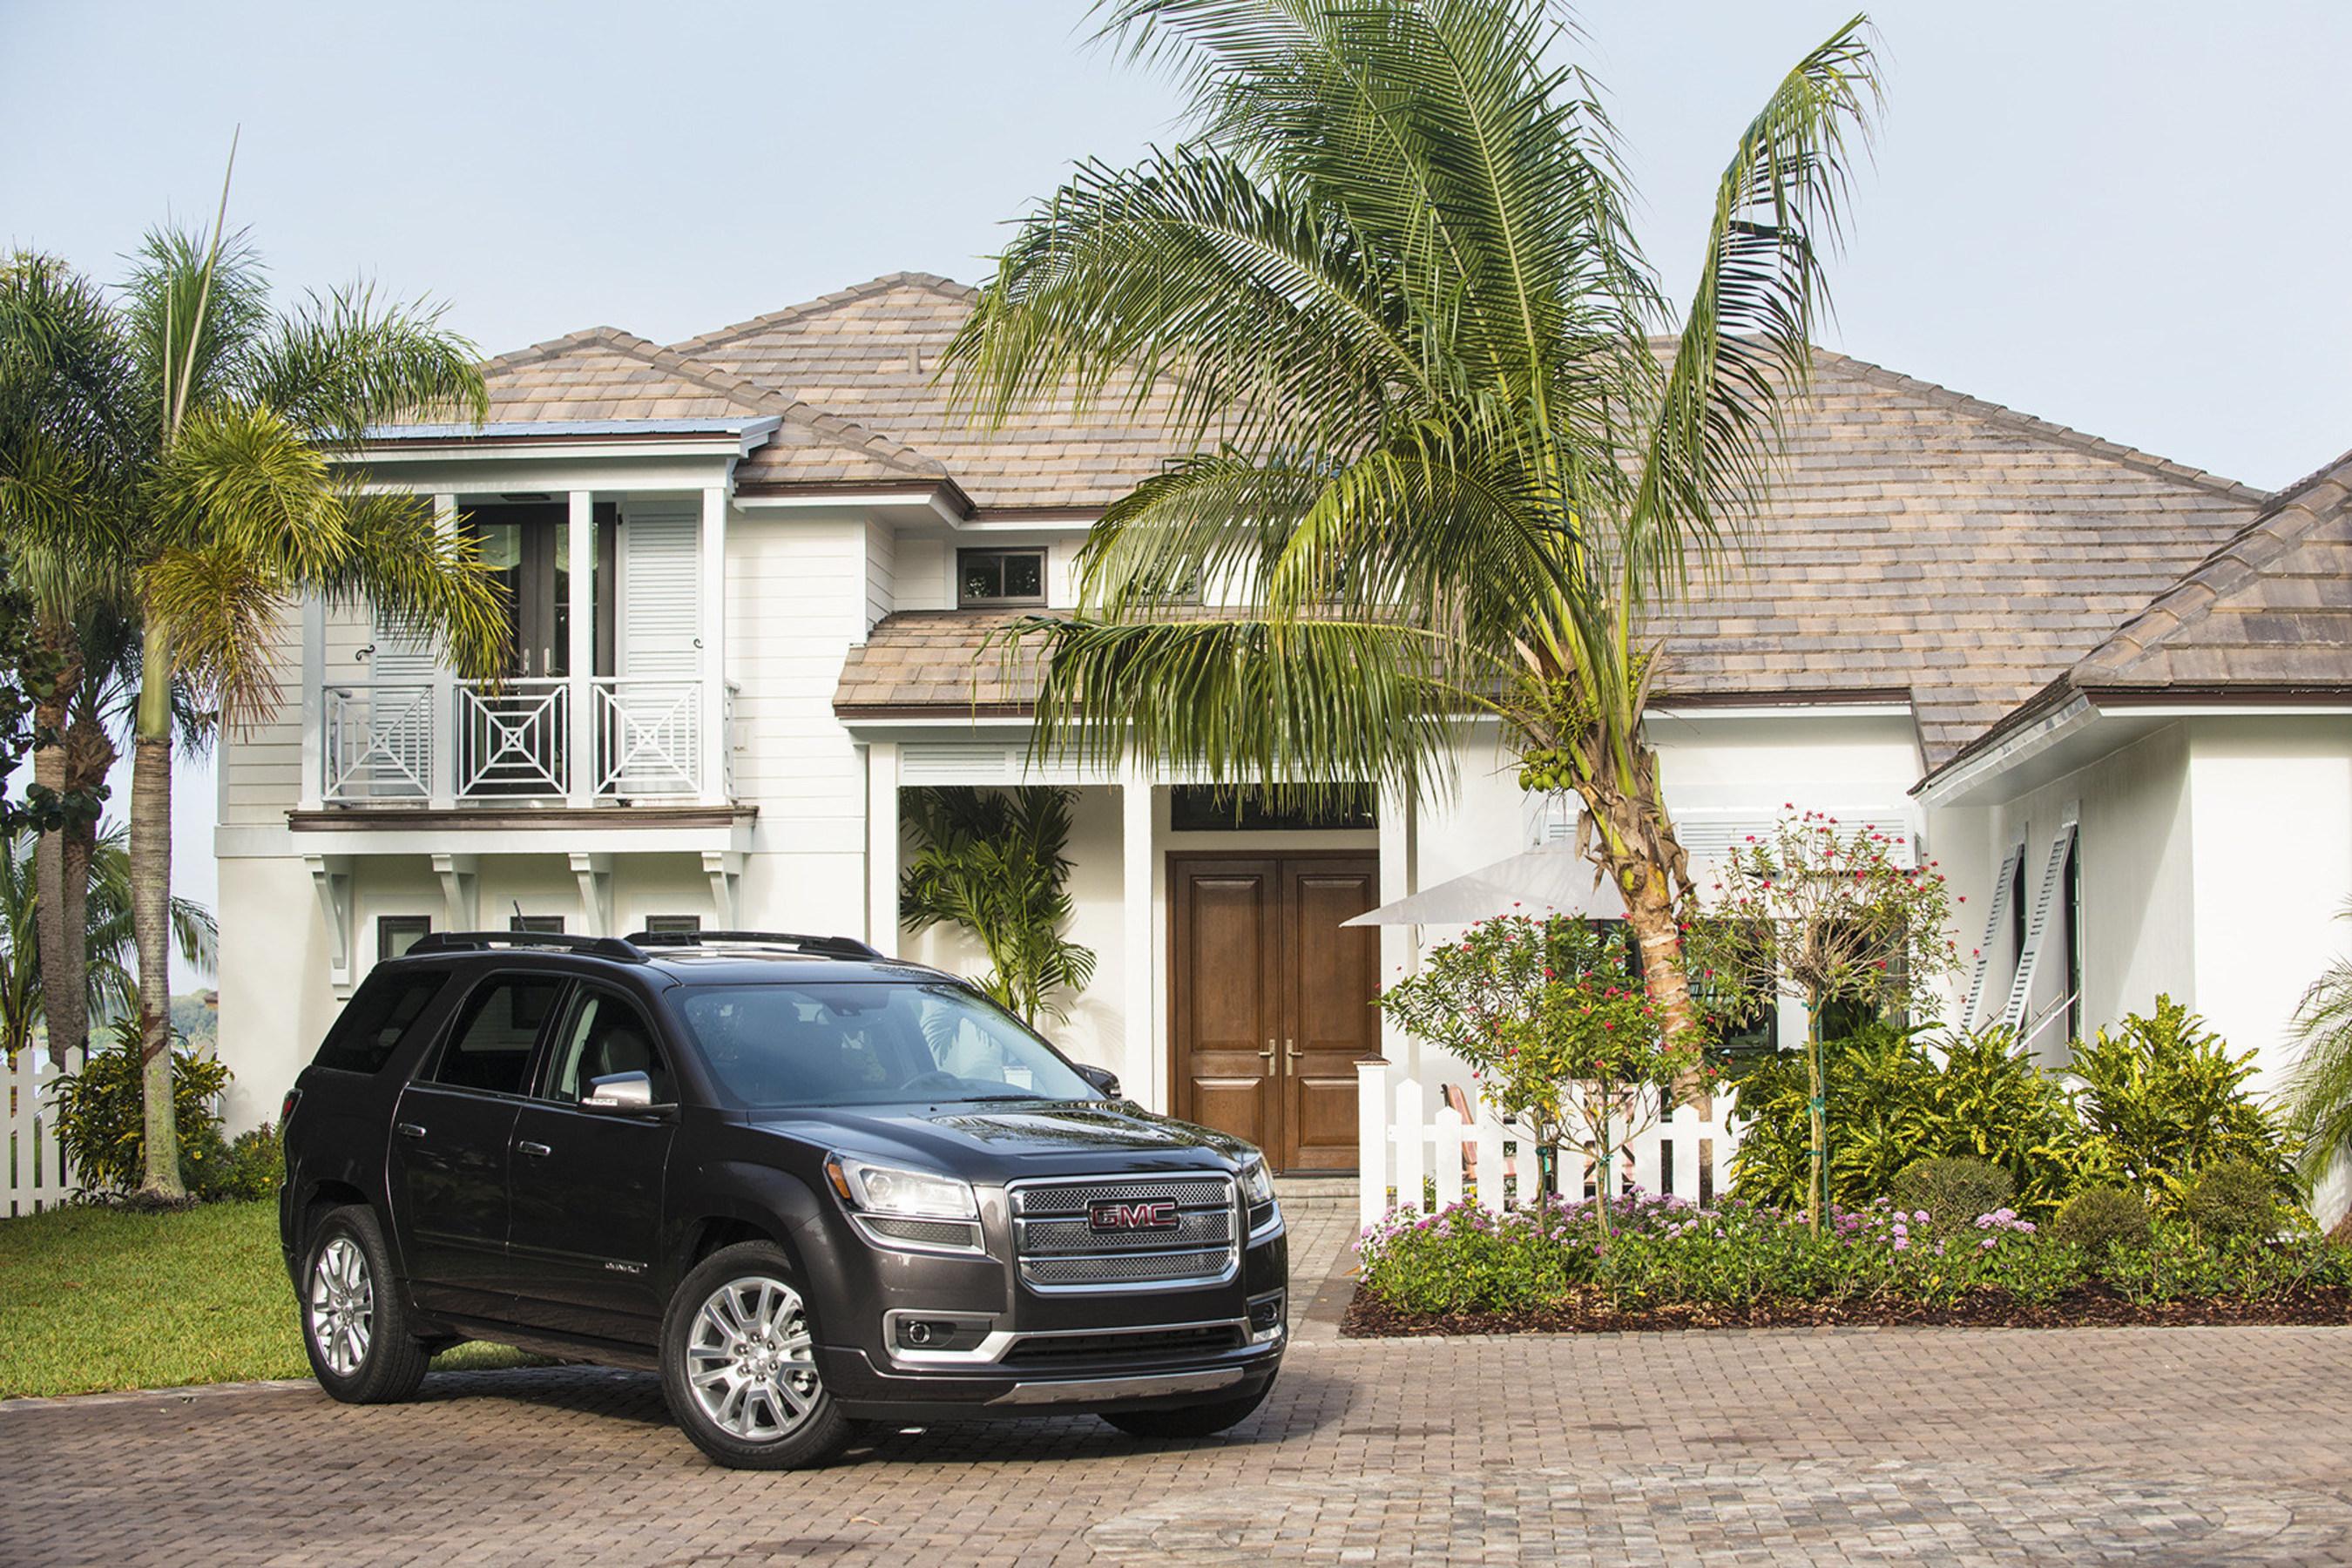 Hgtv smart home 2018 sweepstakes florida